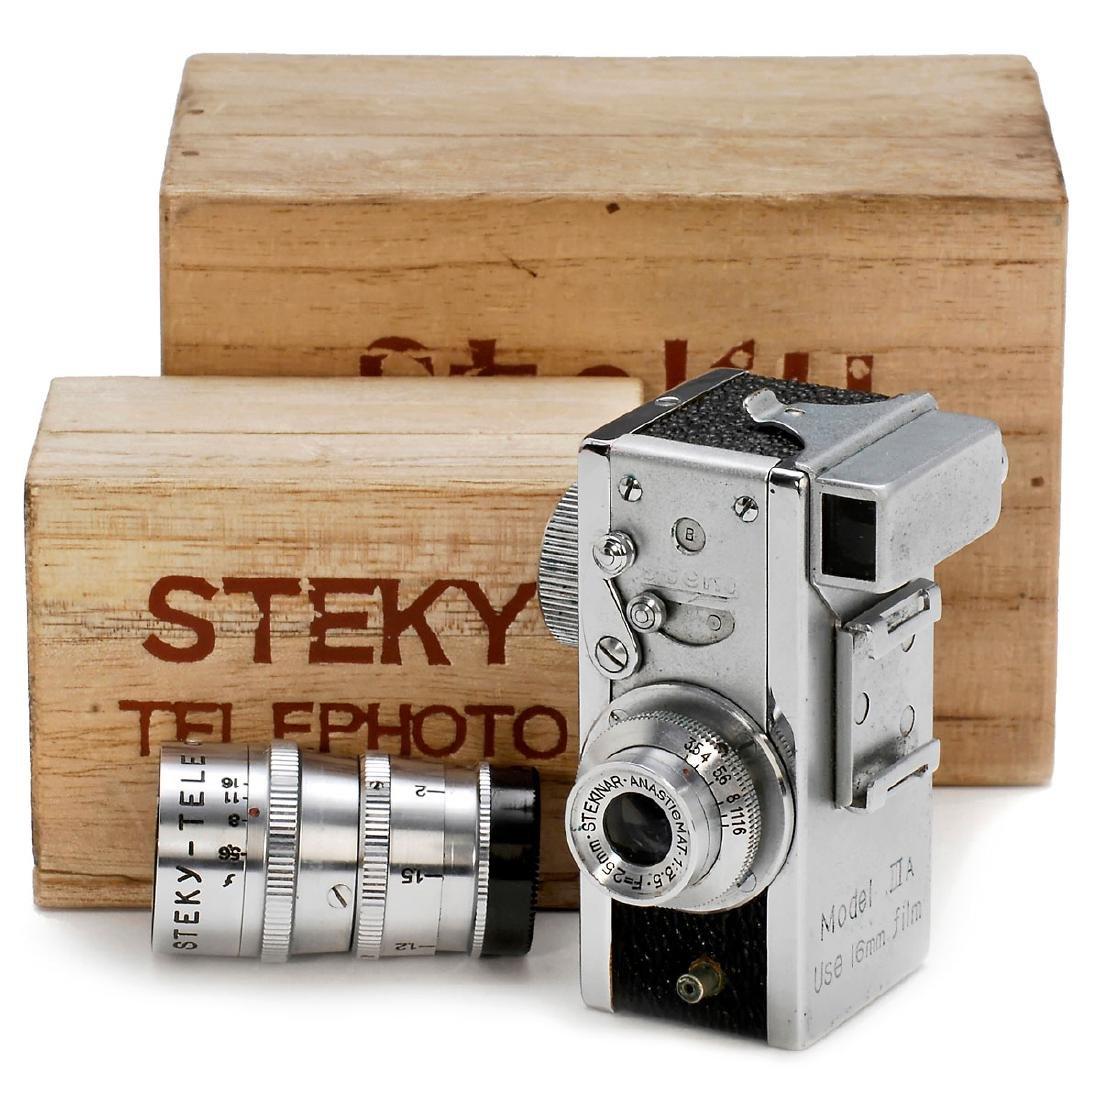 Steky IIIA with 2 Lenses, 1954